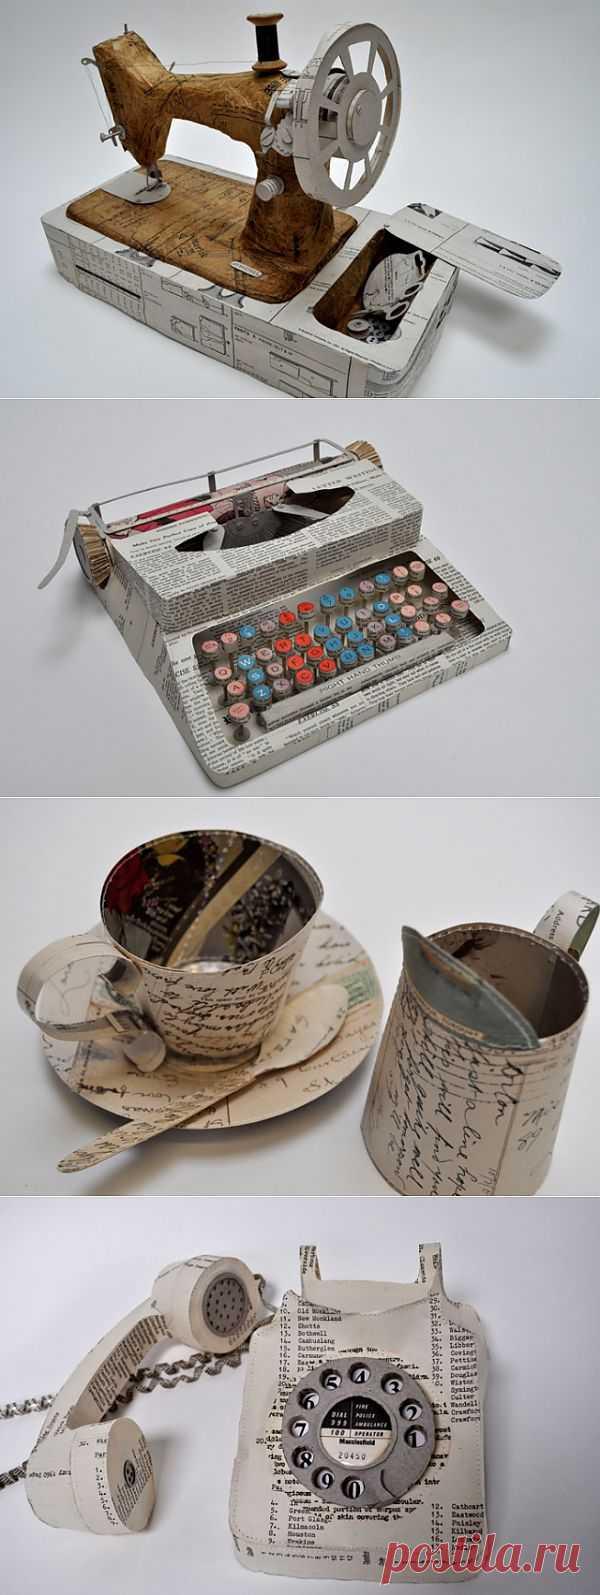 Поделки из бумаги / Арт-объекты / Модный сайт о стильной переделке одежды и интерьера